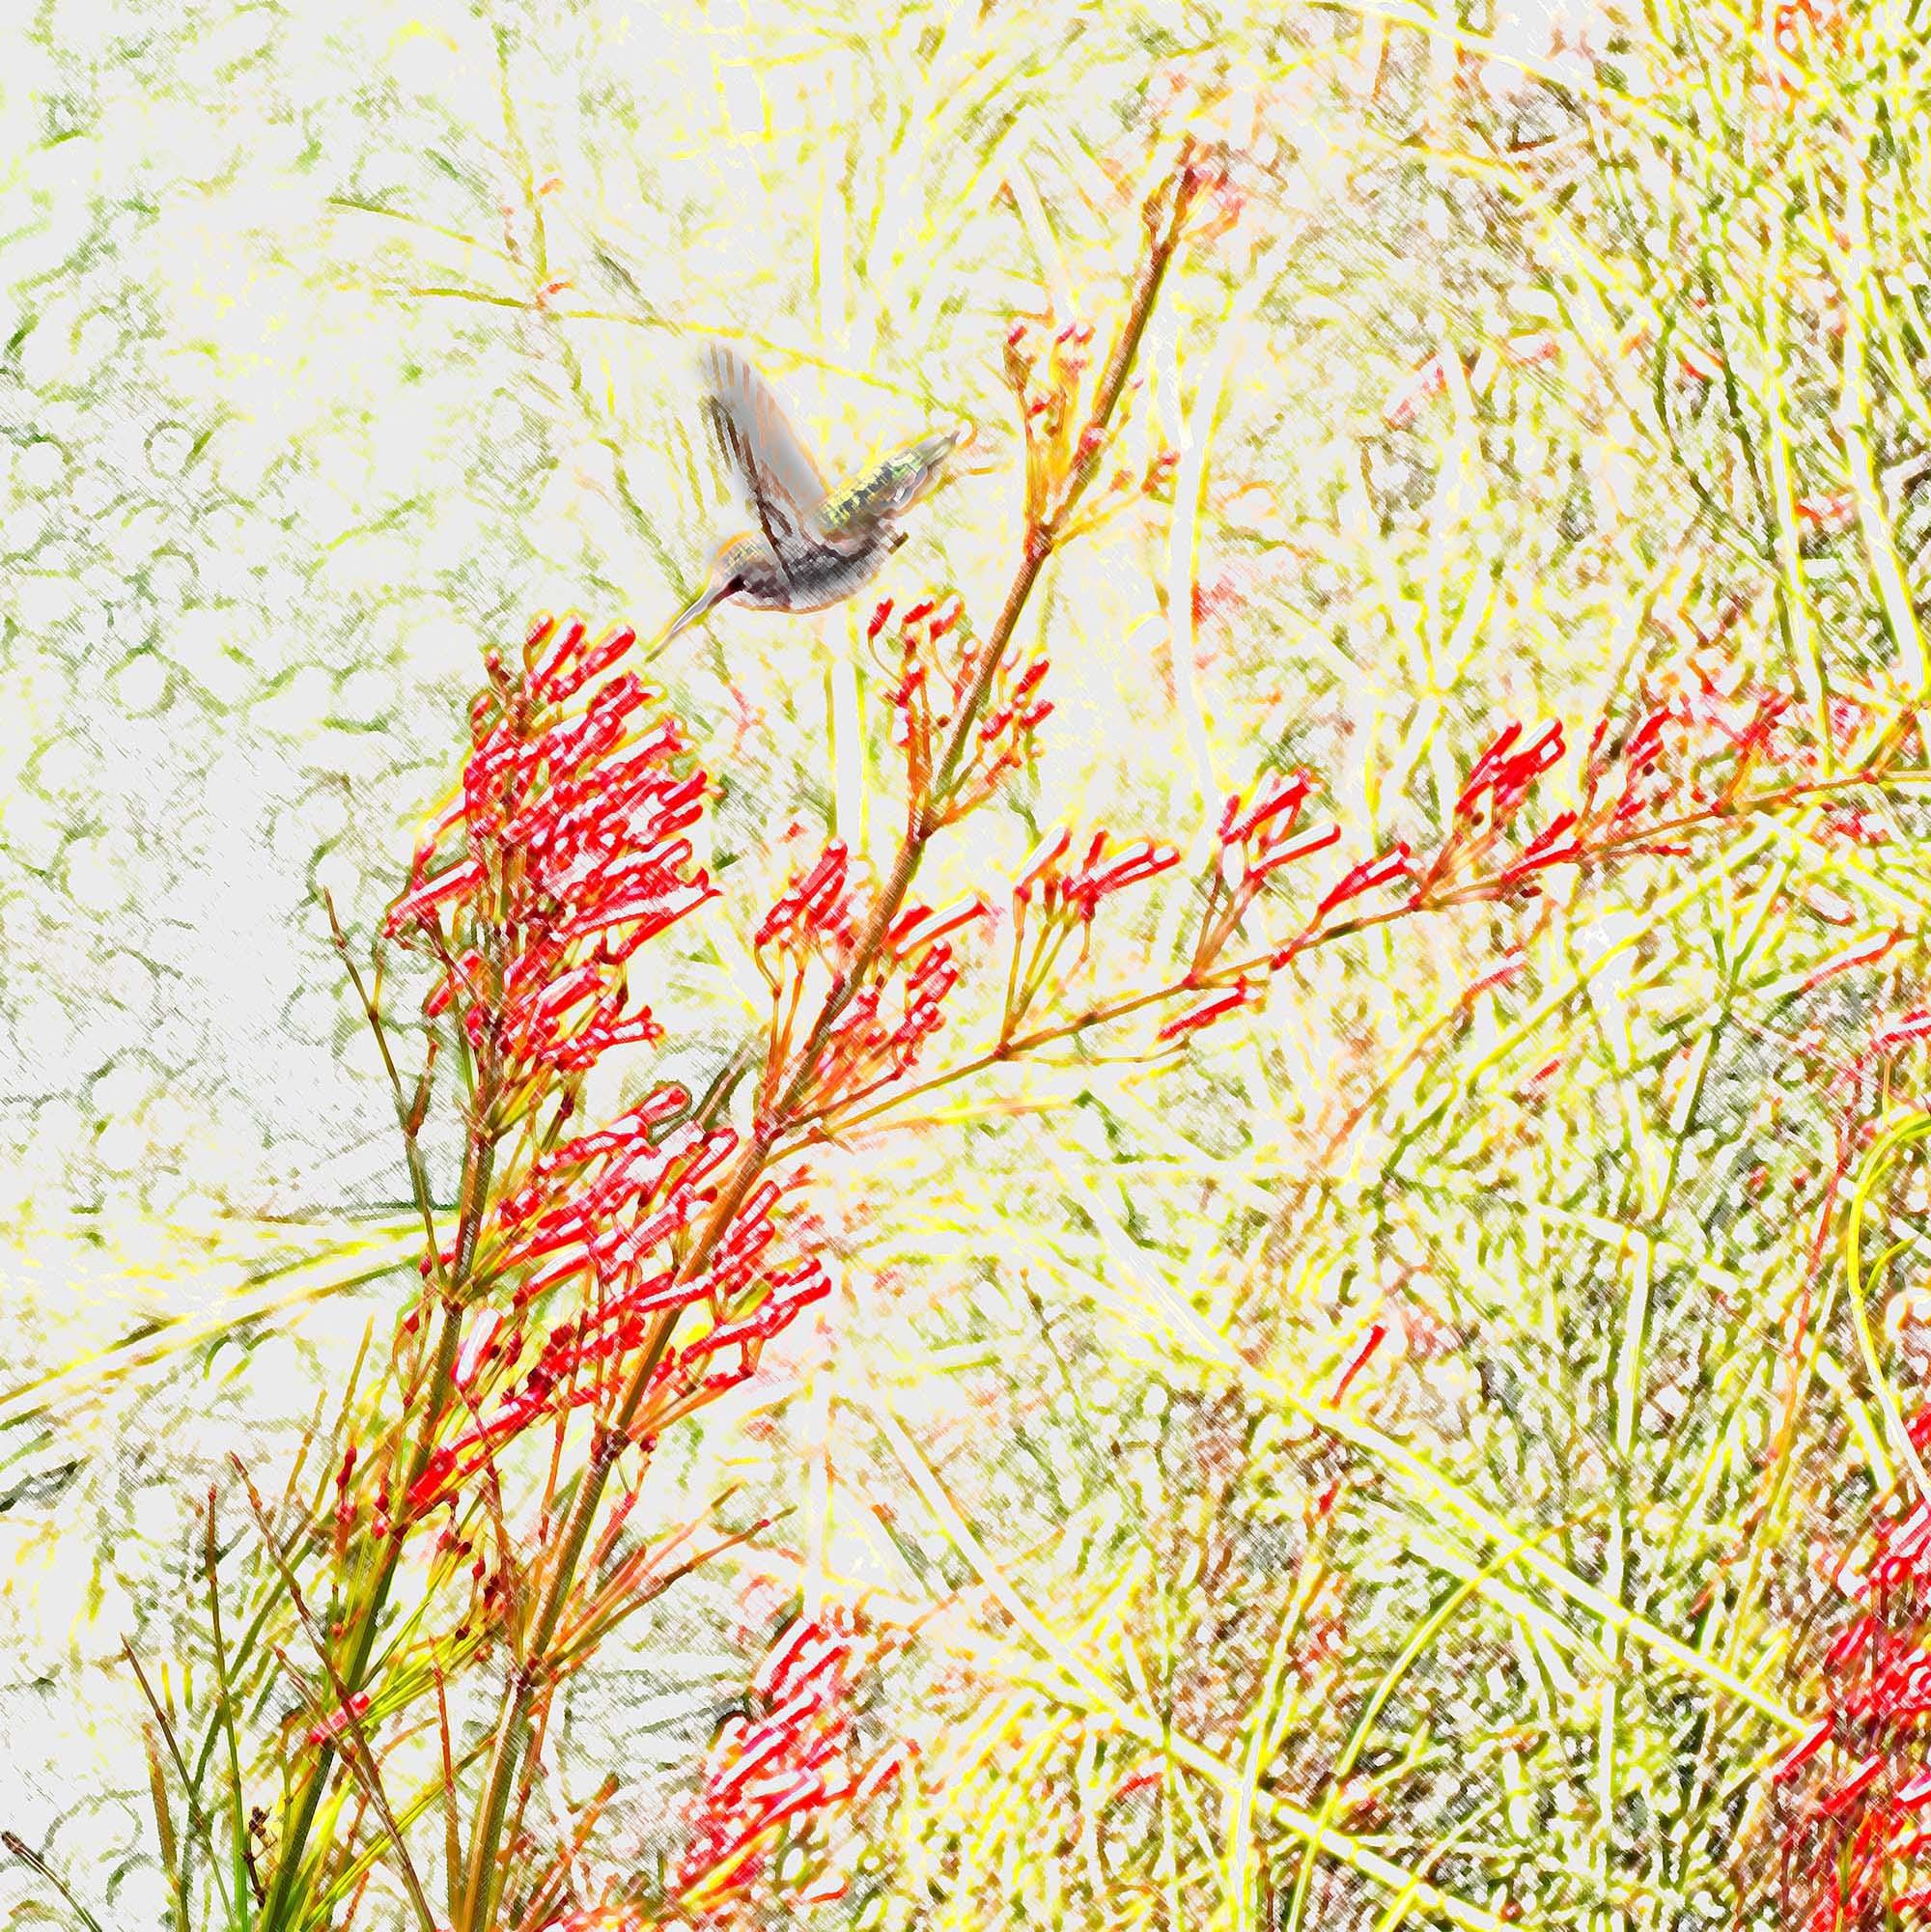 Humming Bird on Firecracker Pencil 20x20 FINAL WEBSITE.jpg